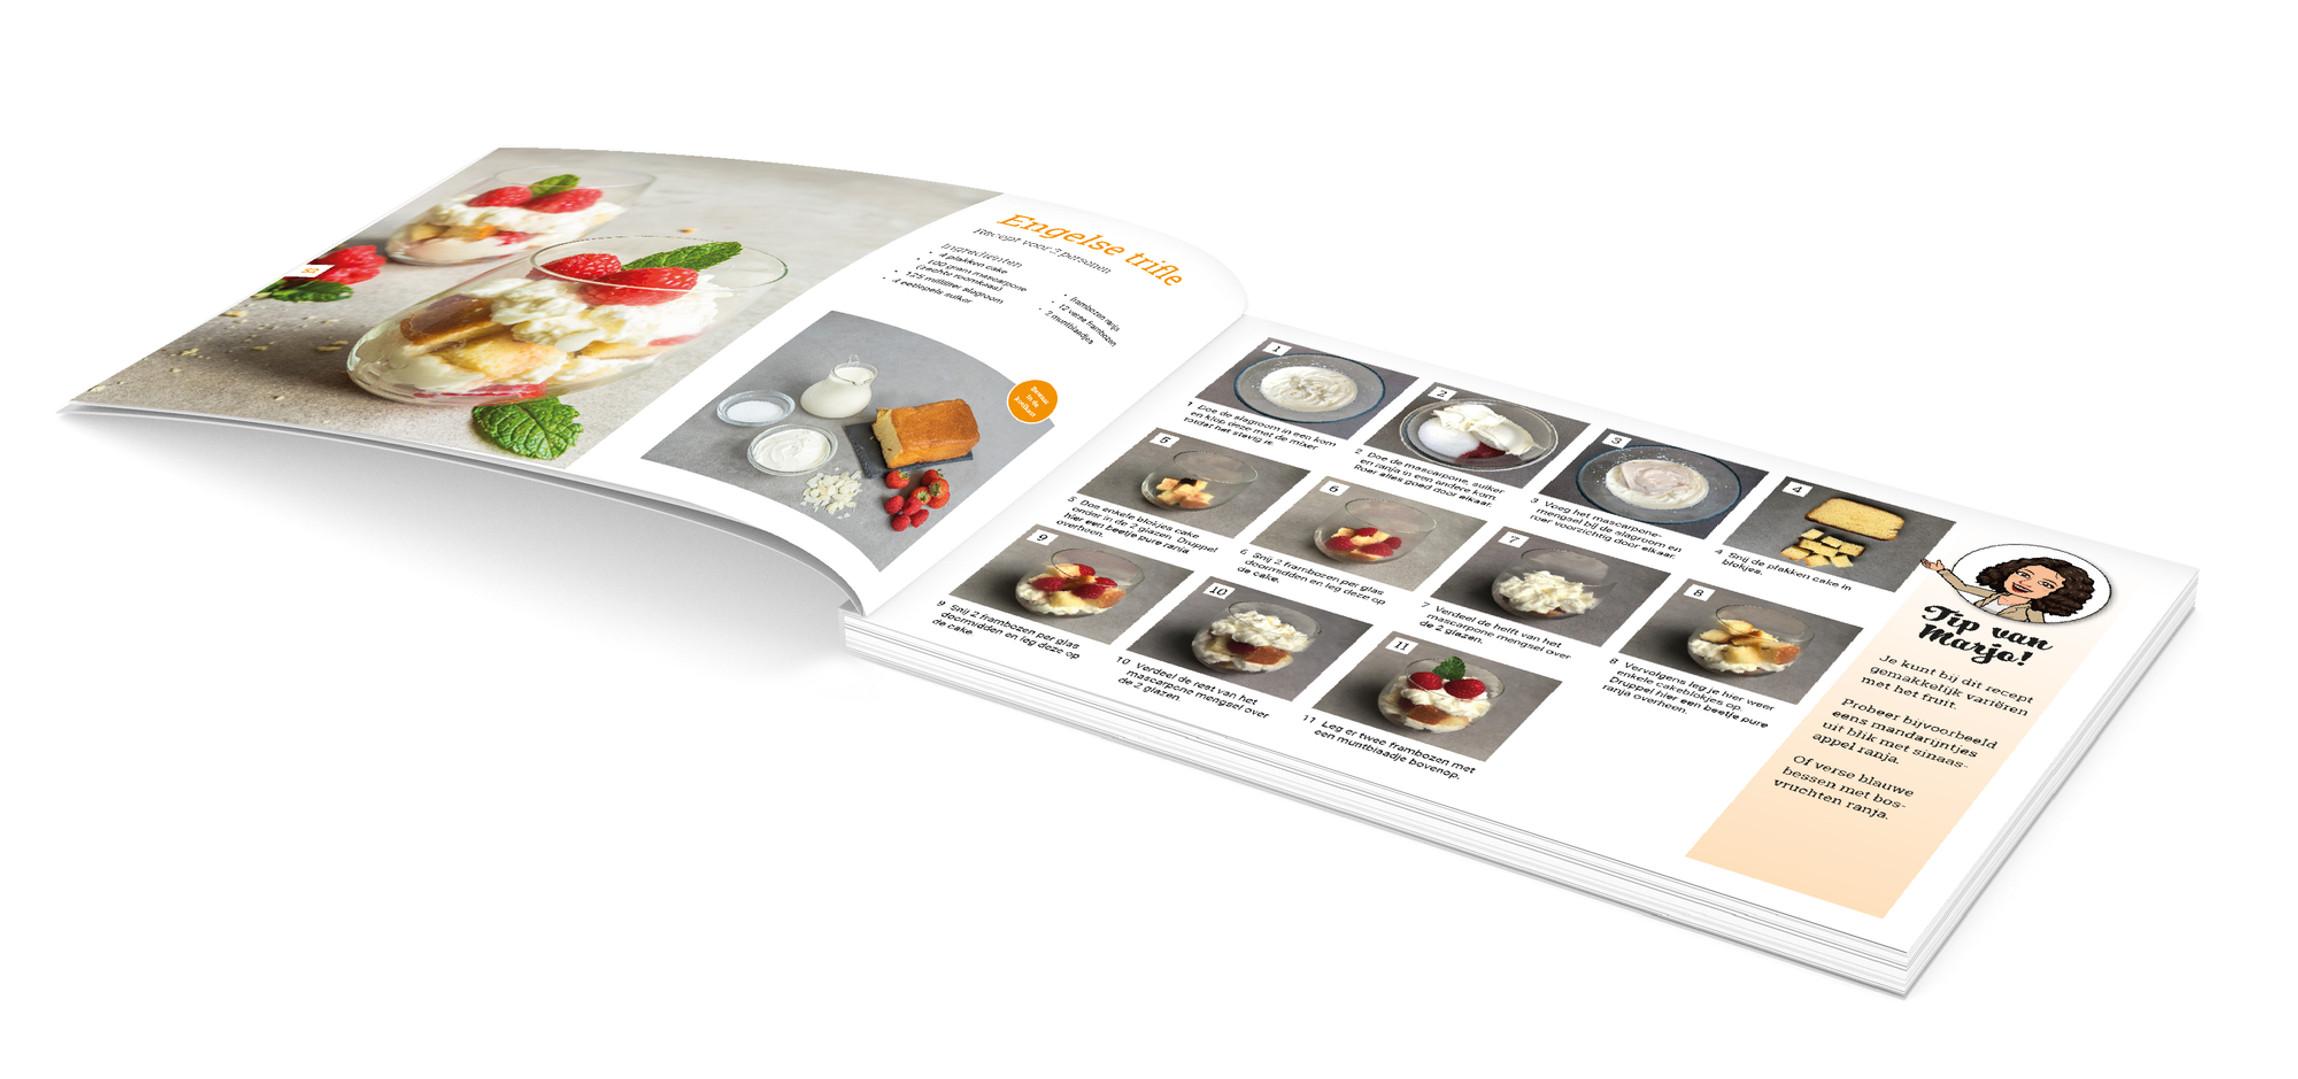 Kookboek_voorbeeld2.jpg